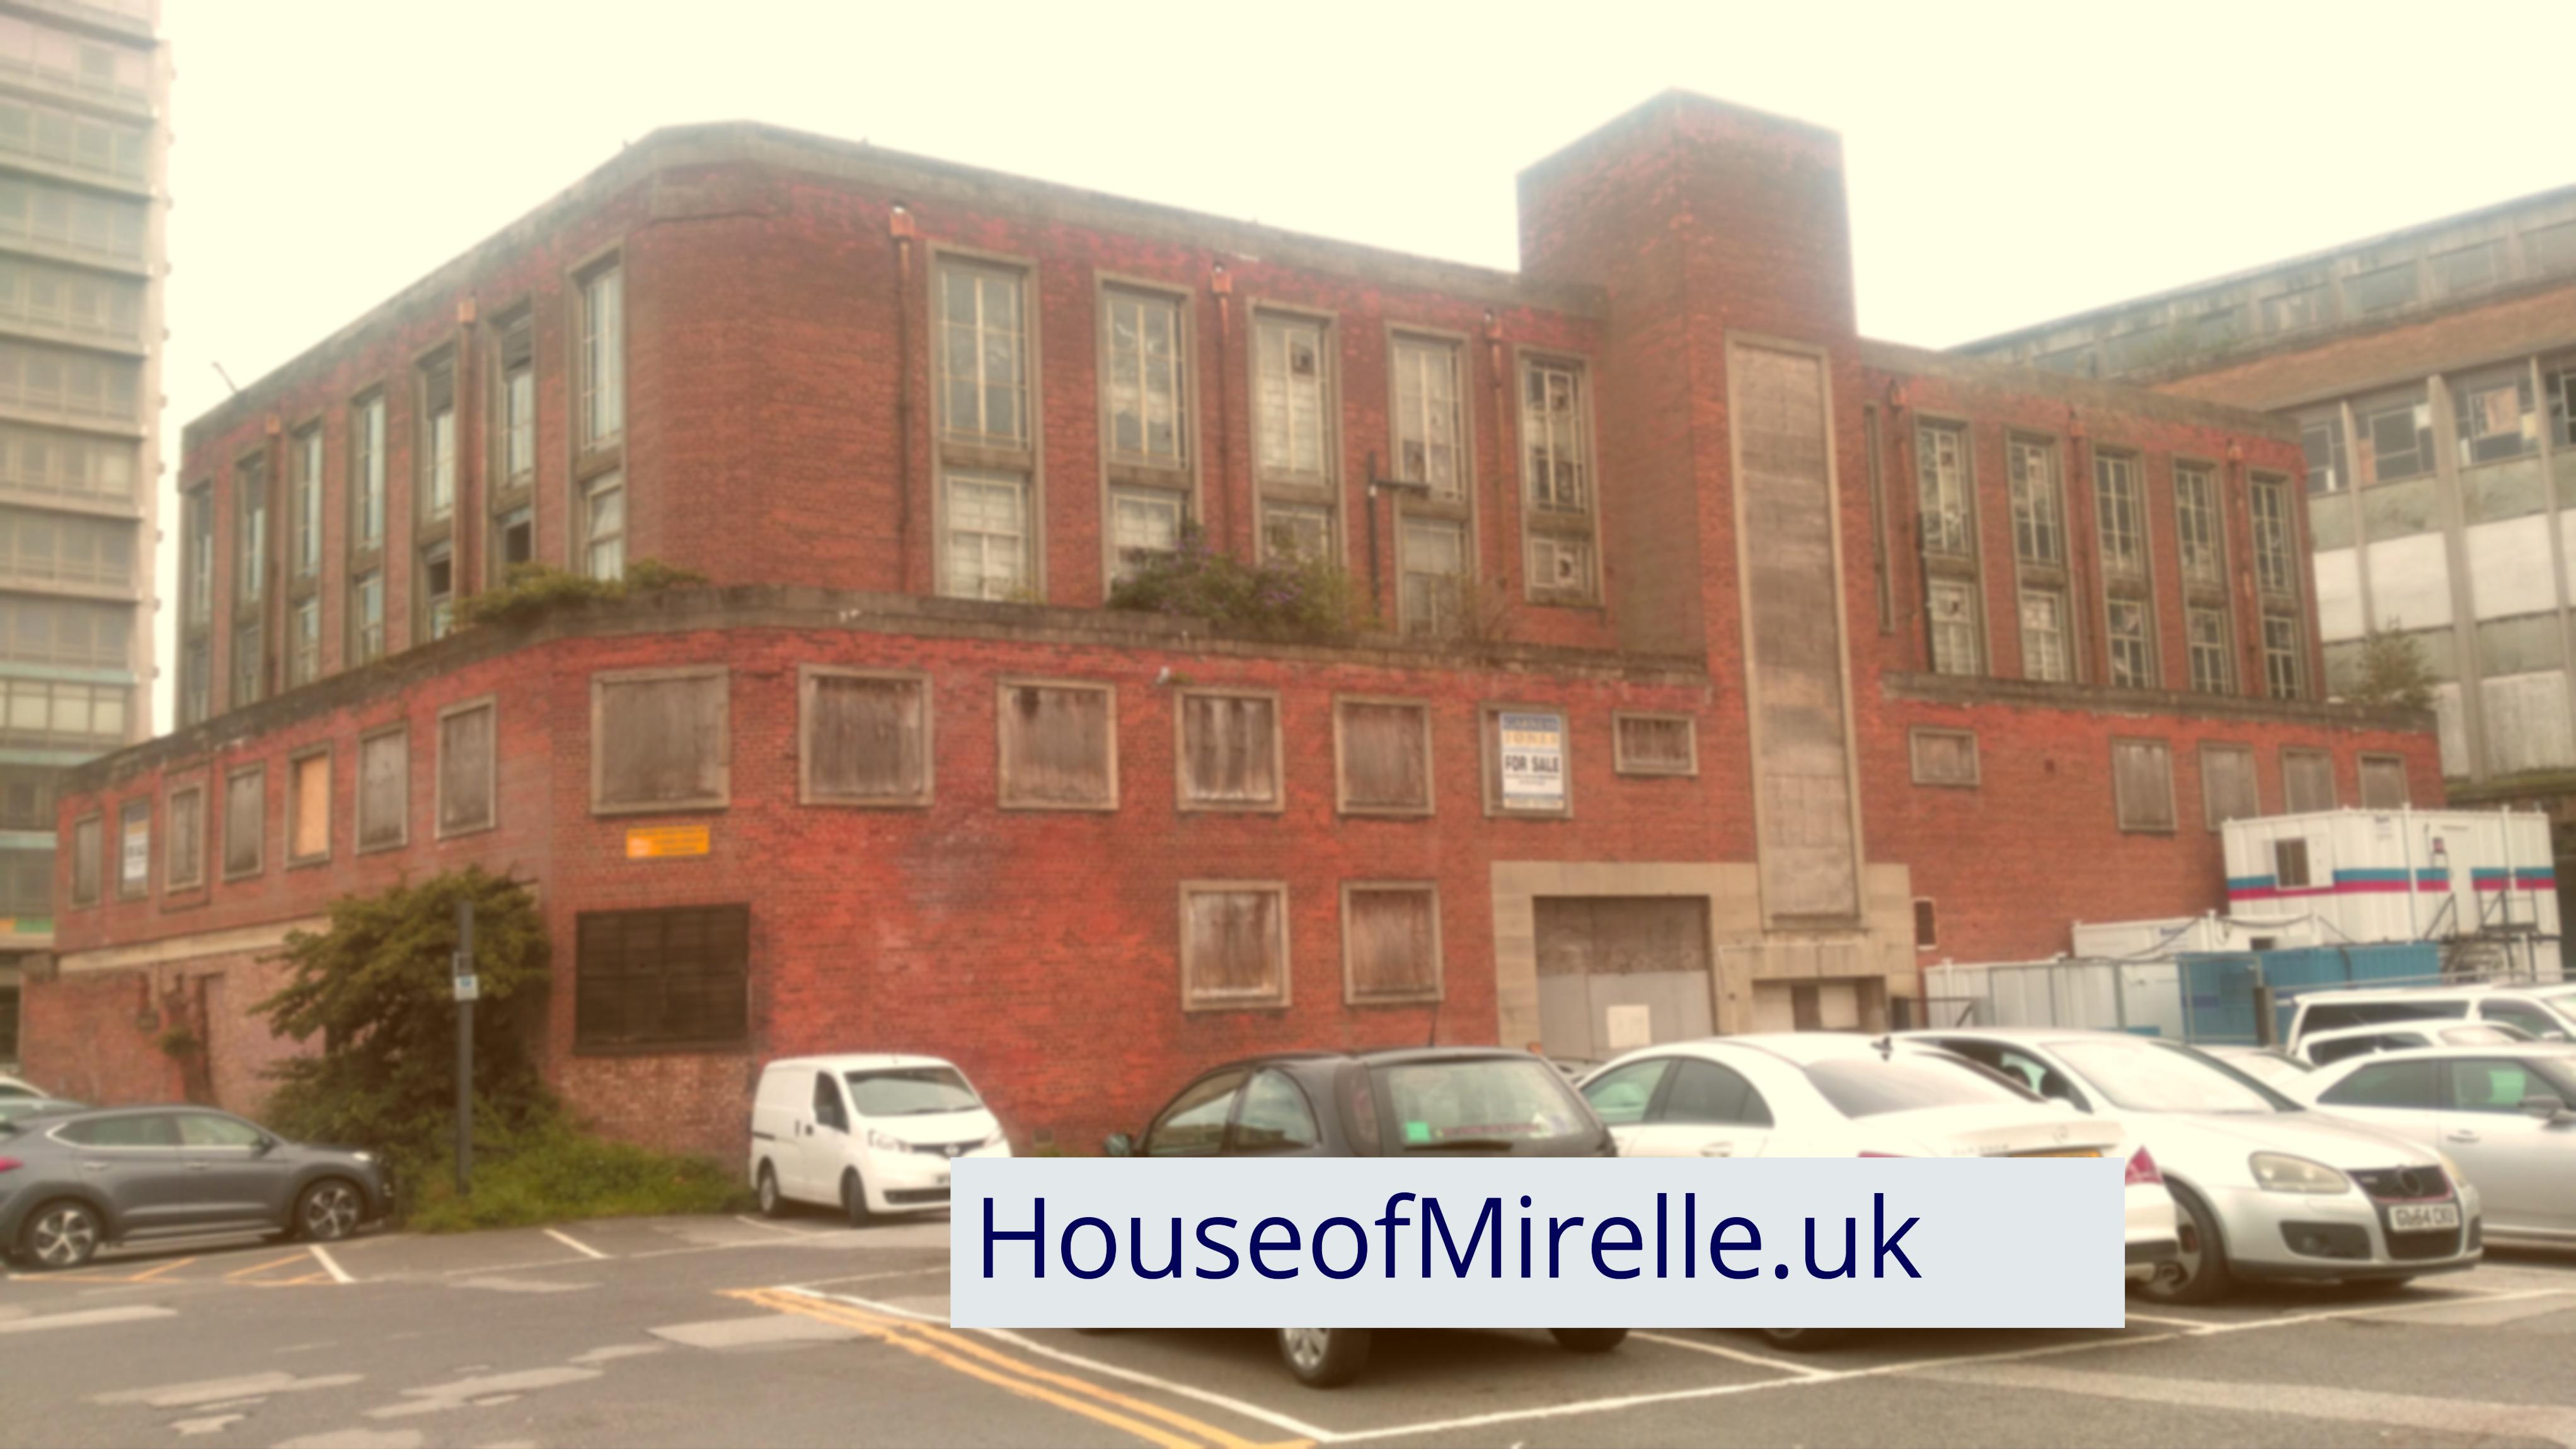 Edwin Davis Building 2016 houseofmirelle.uk